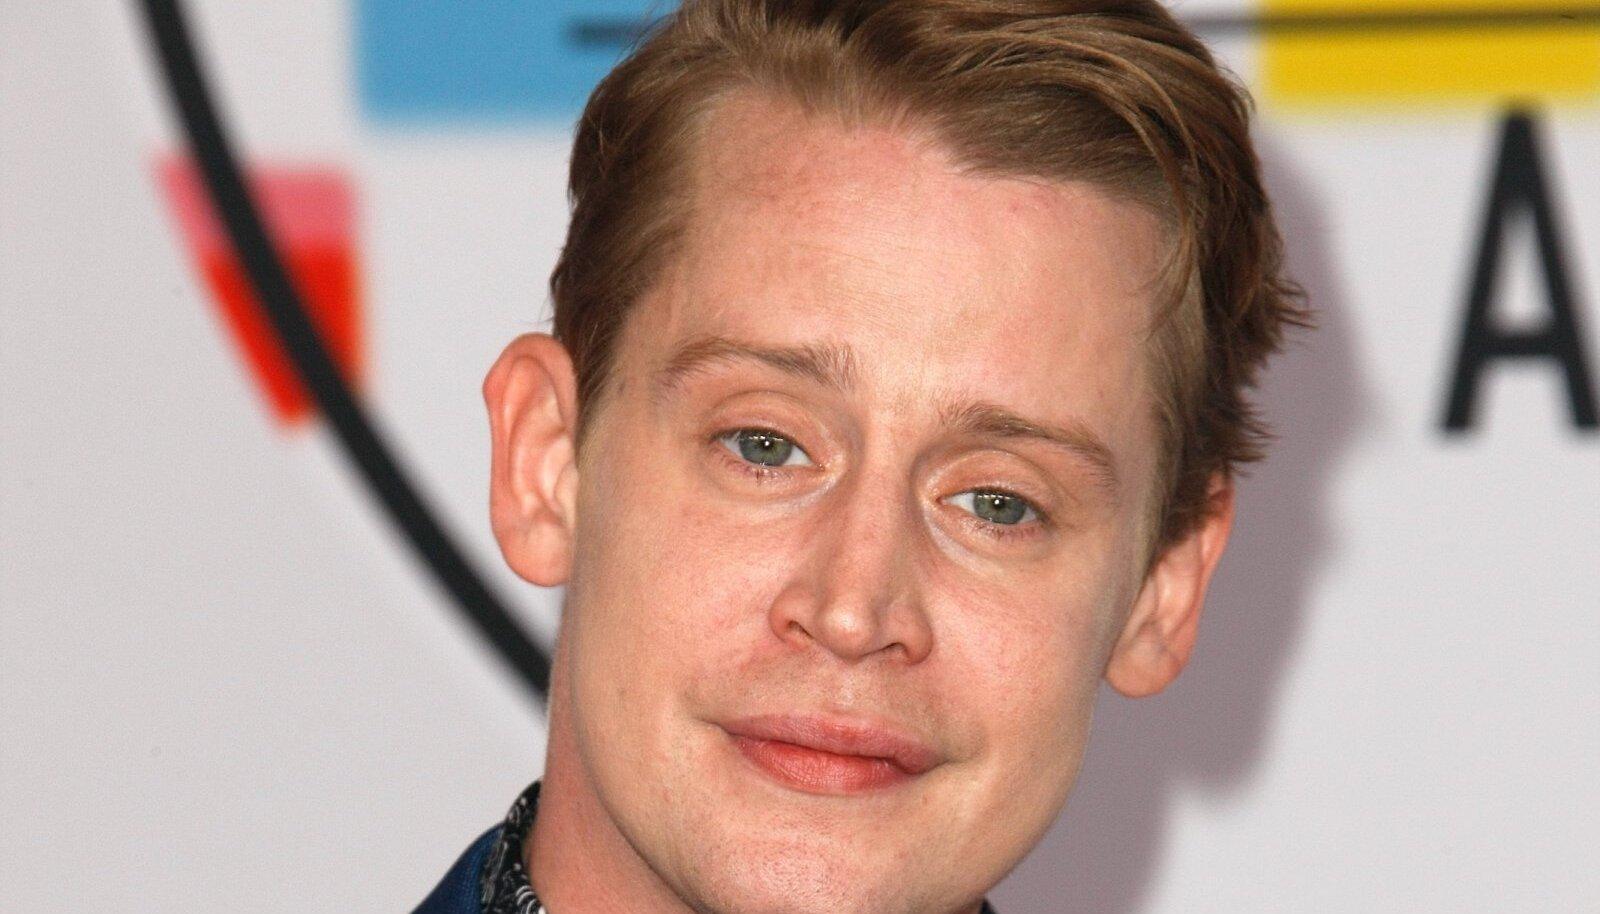 JÕUKAS MEES Hoolimata sellest, et Macaulay hilisem näitlejakarjäär pole olnud kuigi edukas, hinnatakse tema varanduse suuruseks 14-15 miljonit dollarit.